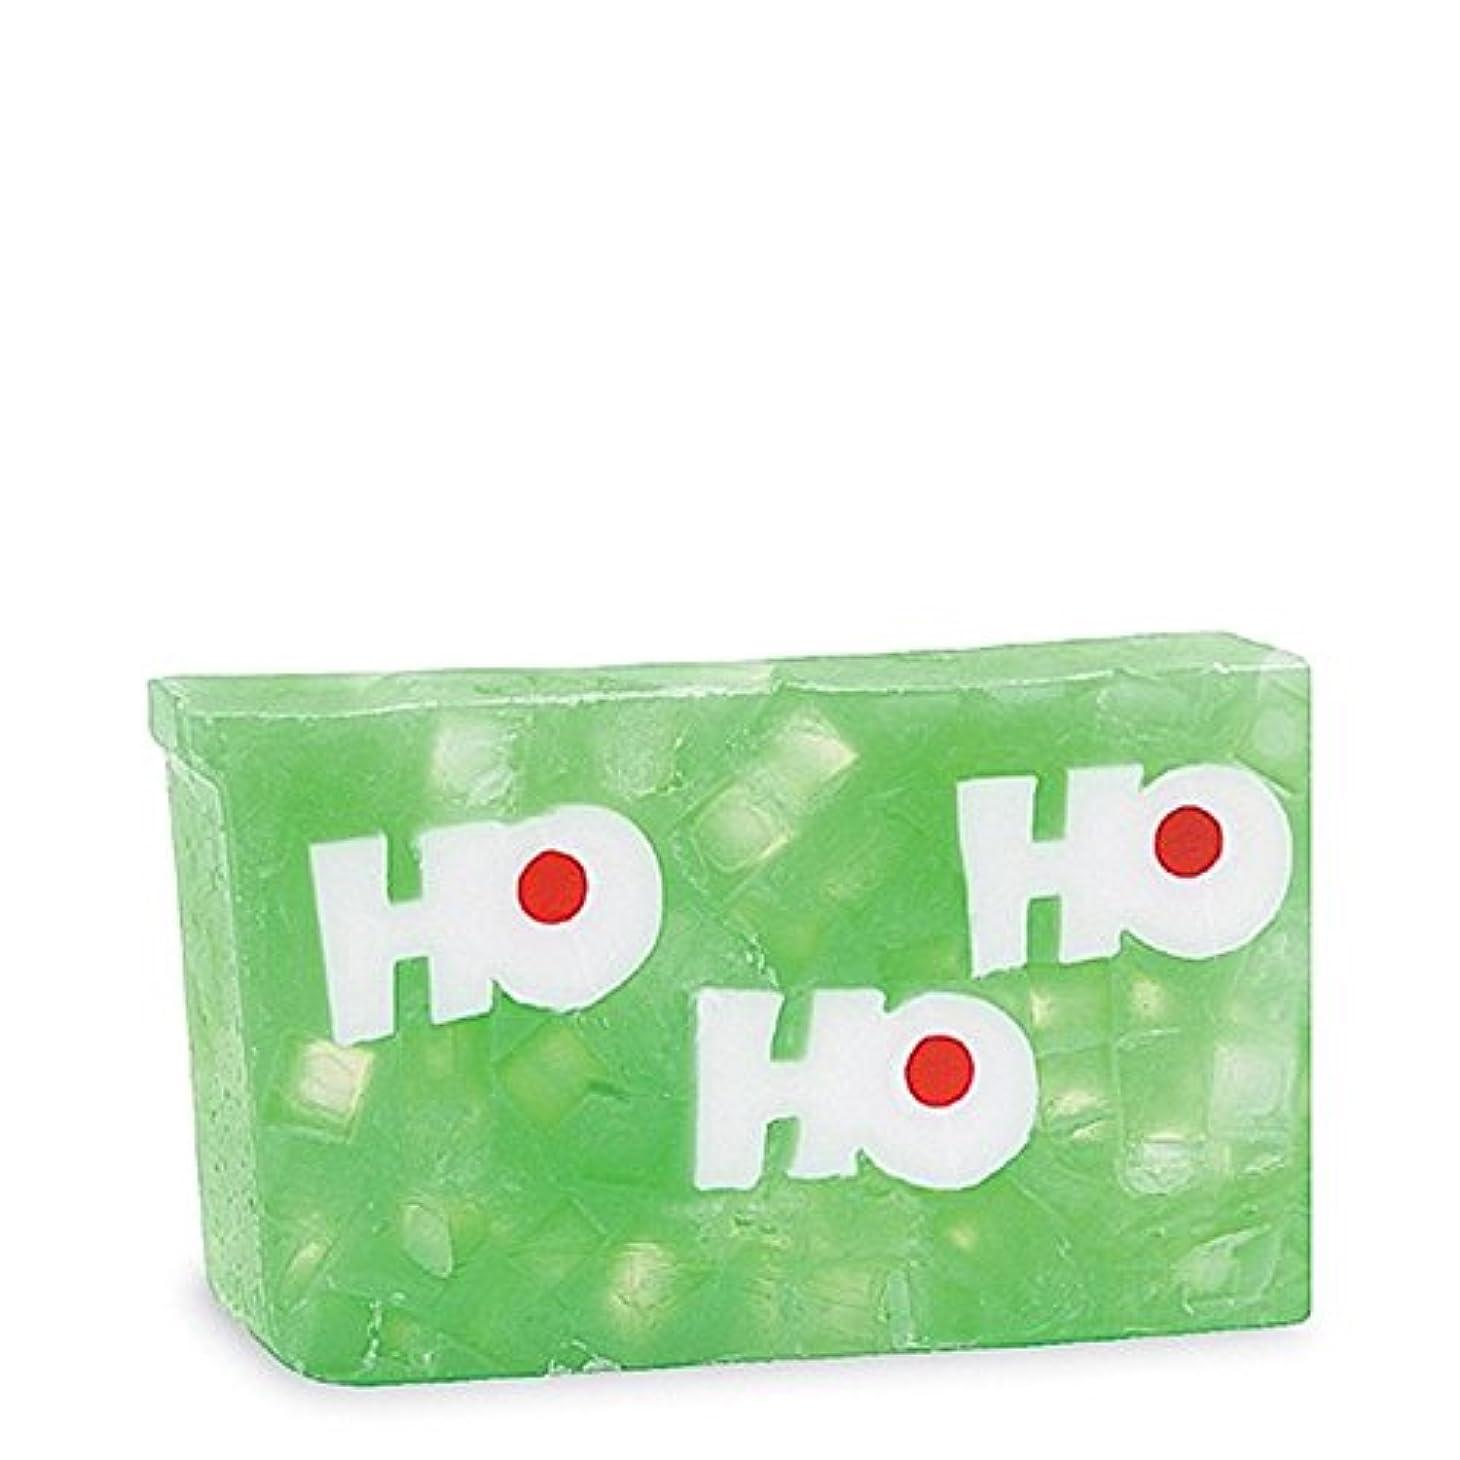 飾り羽バウンス強風Primal Elements Ho Ho Ho Soap - 原初の要素ホーホーホ石鹸 [並行輸入品]